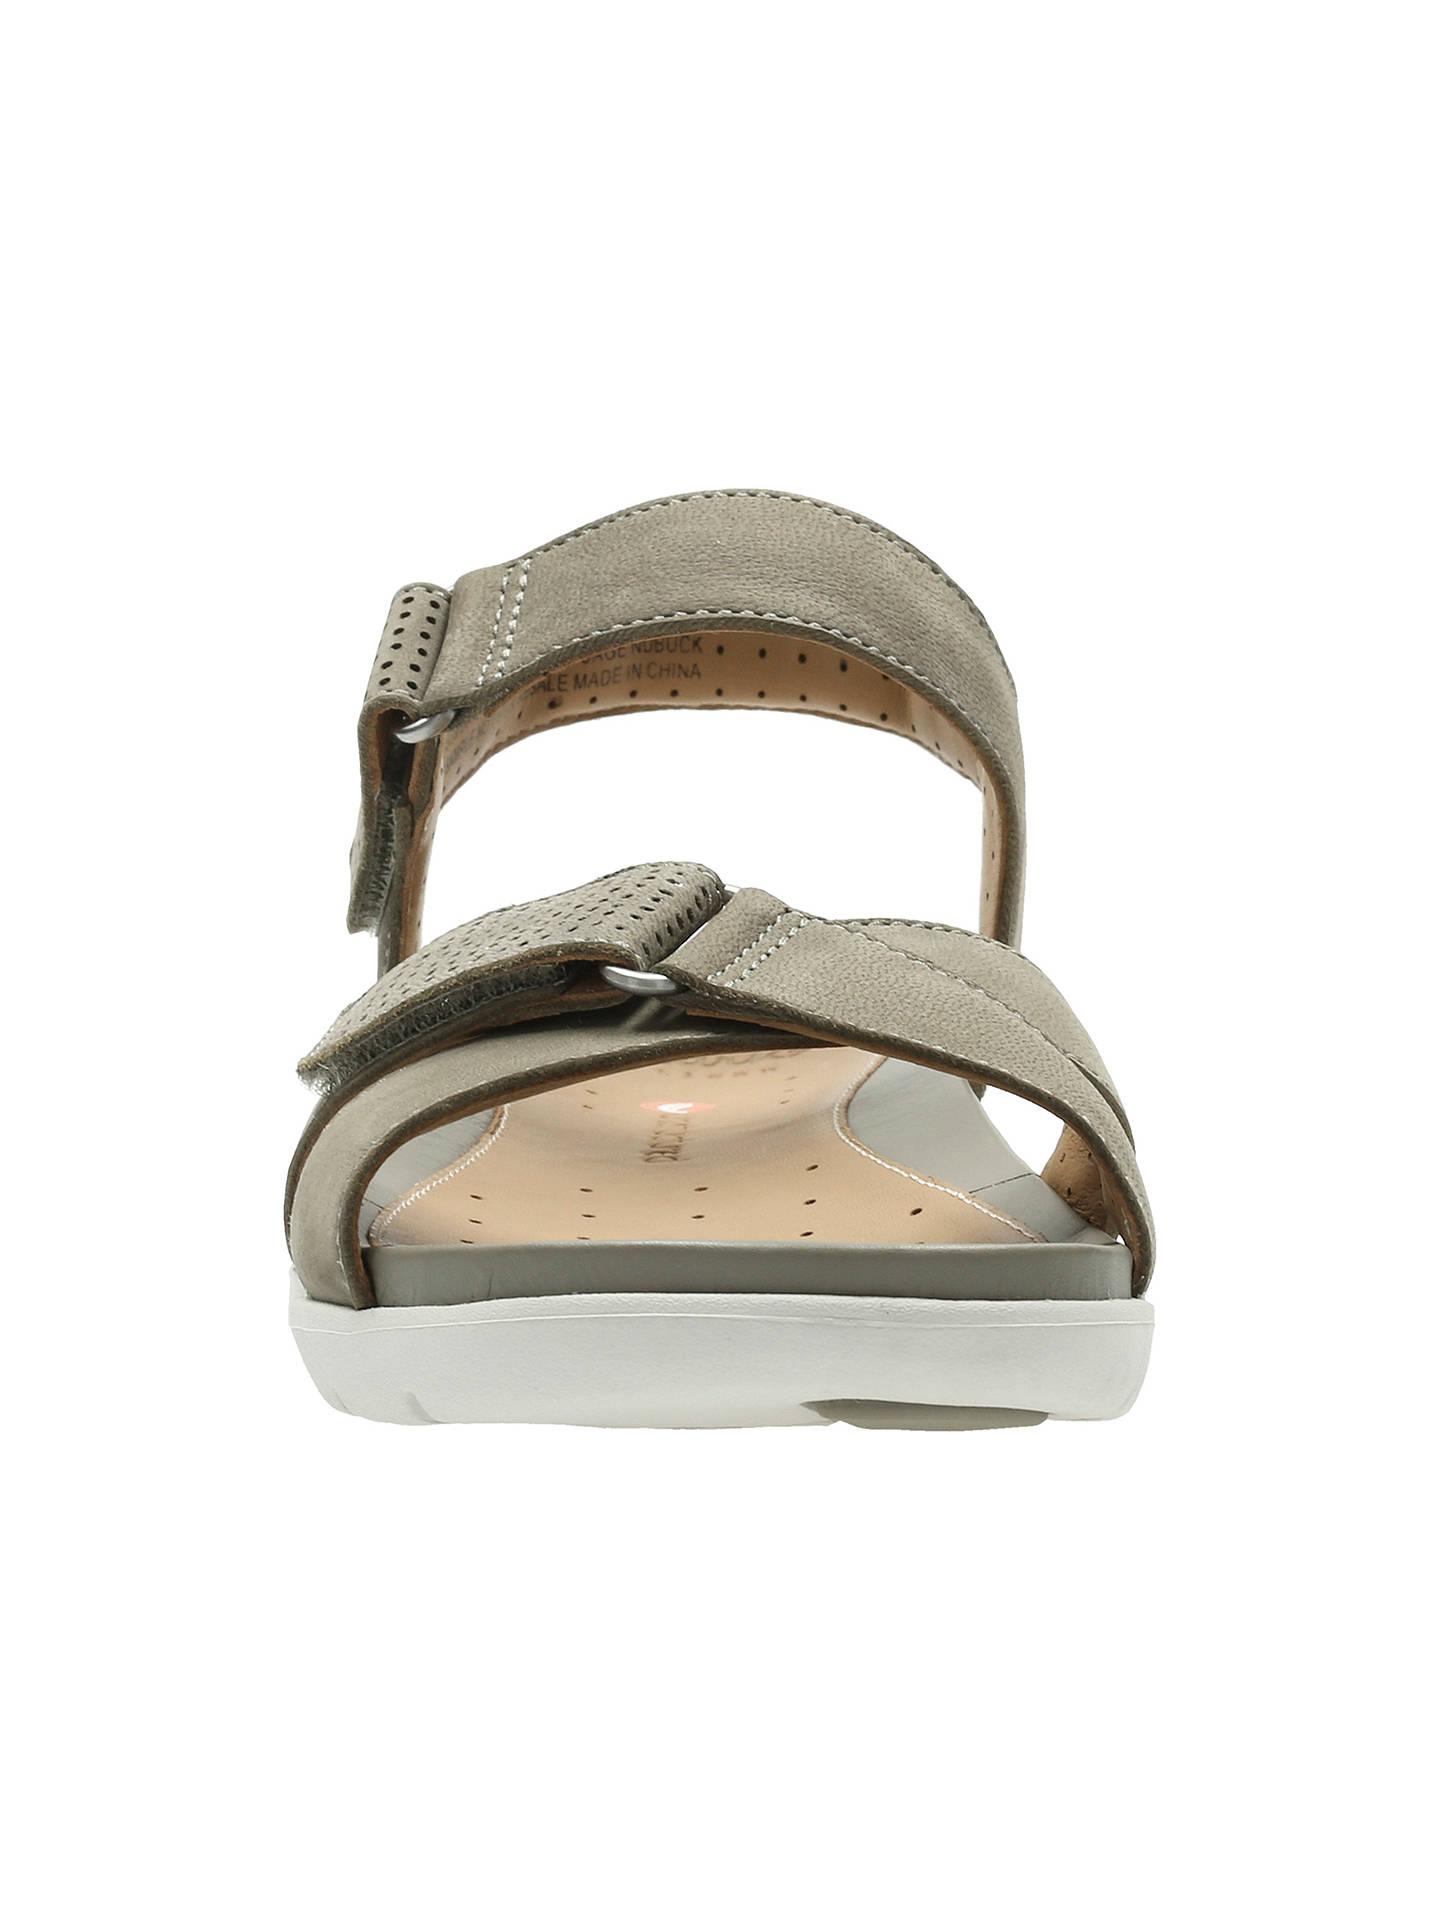 7196eb2cc77 ... Buy Clarks Un Saffron Rip Tape Sandals